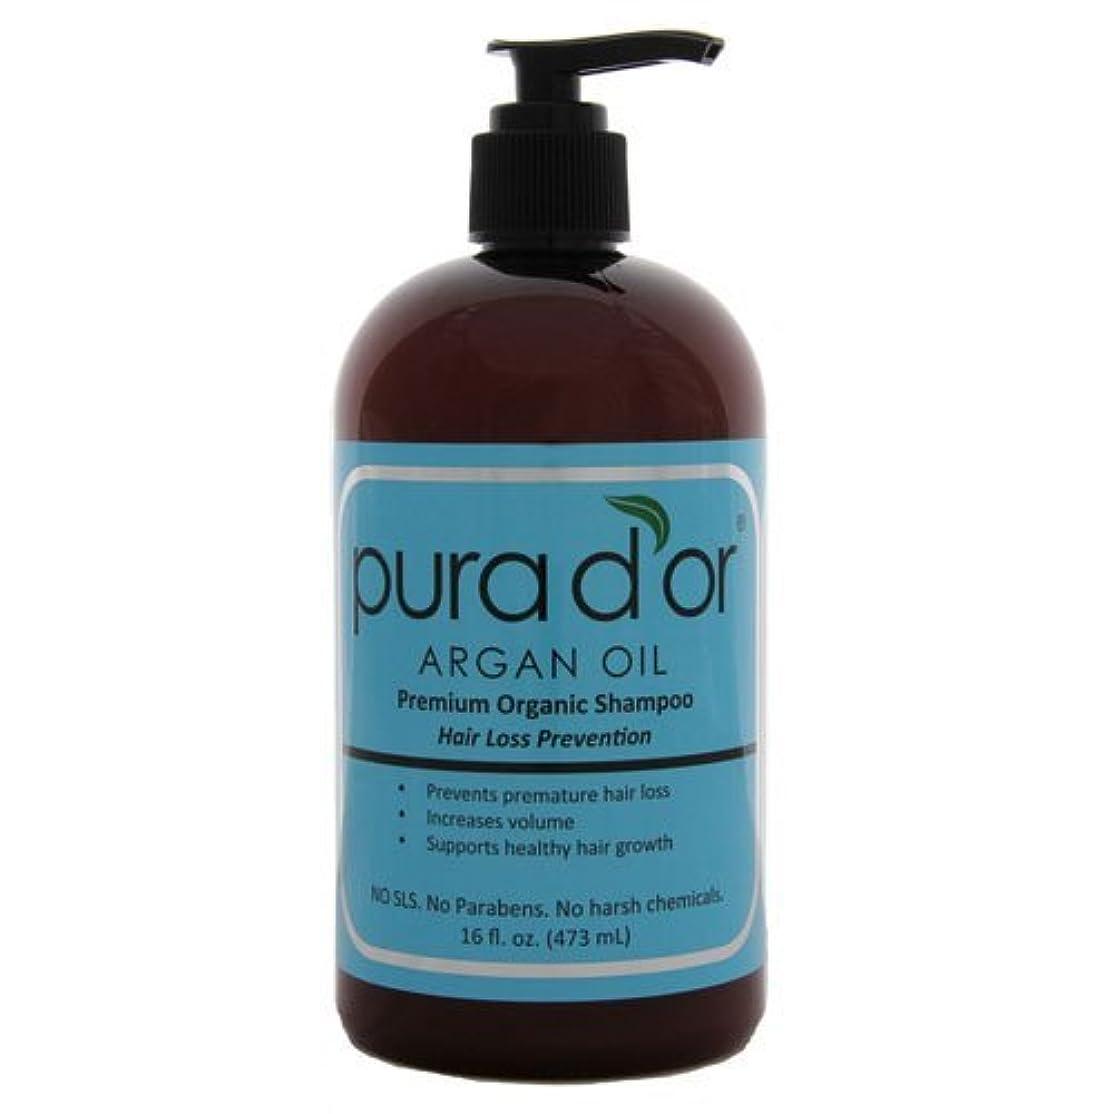 飾り羽幼児抽象【オーガニック】 DHTブロッカー シャンプー男女兼用 470ml【並行輸入品】 Pura d'or Hair Loss Prevention Premium Organic Shampoo 16oz